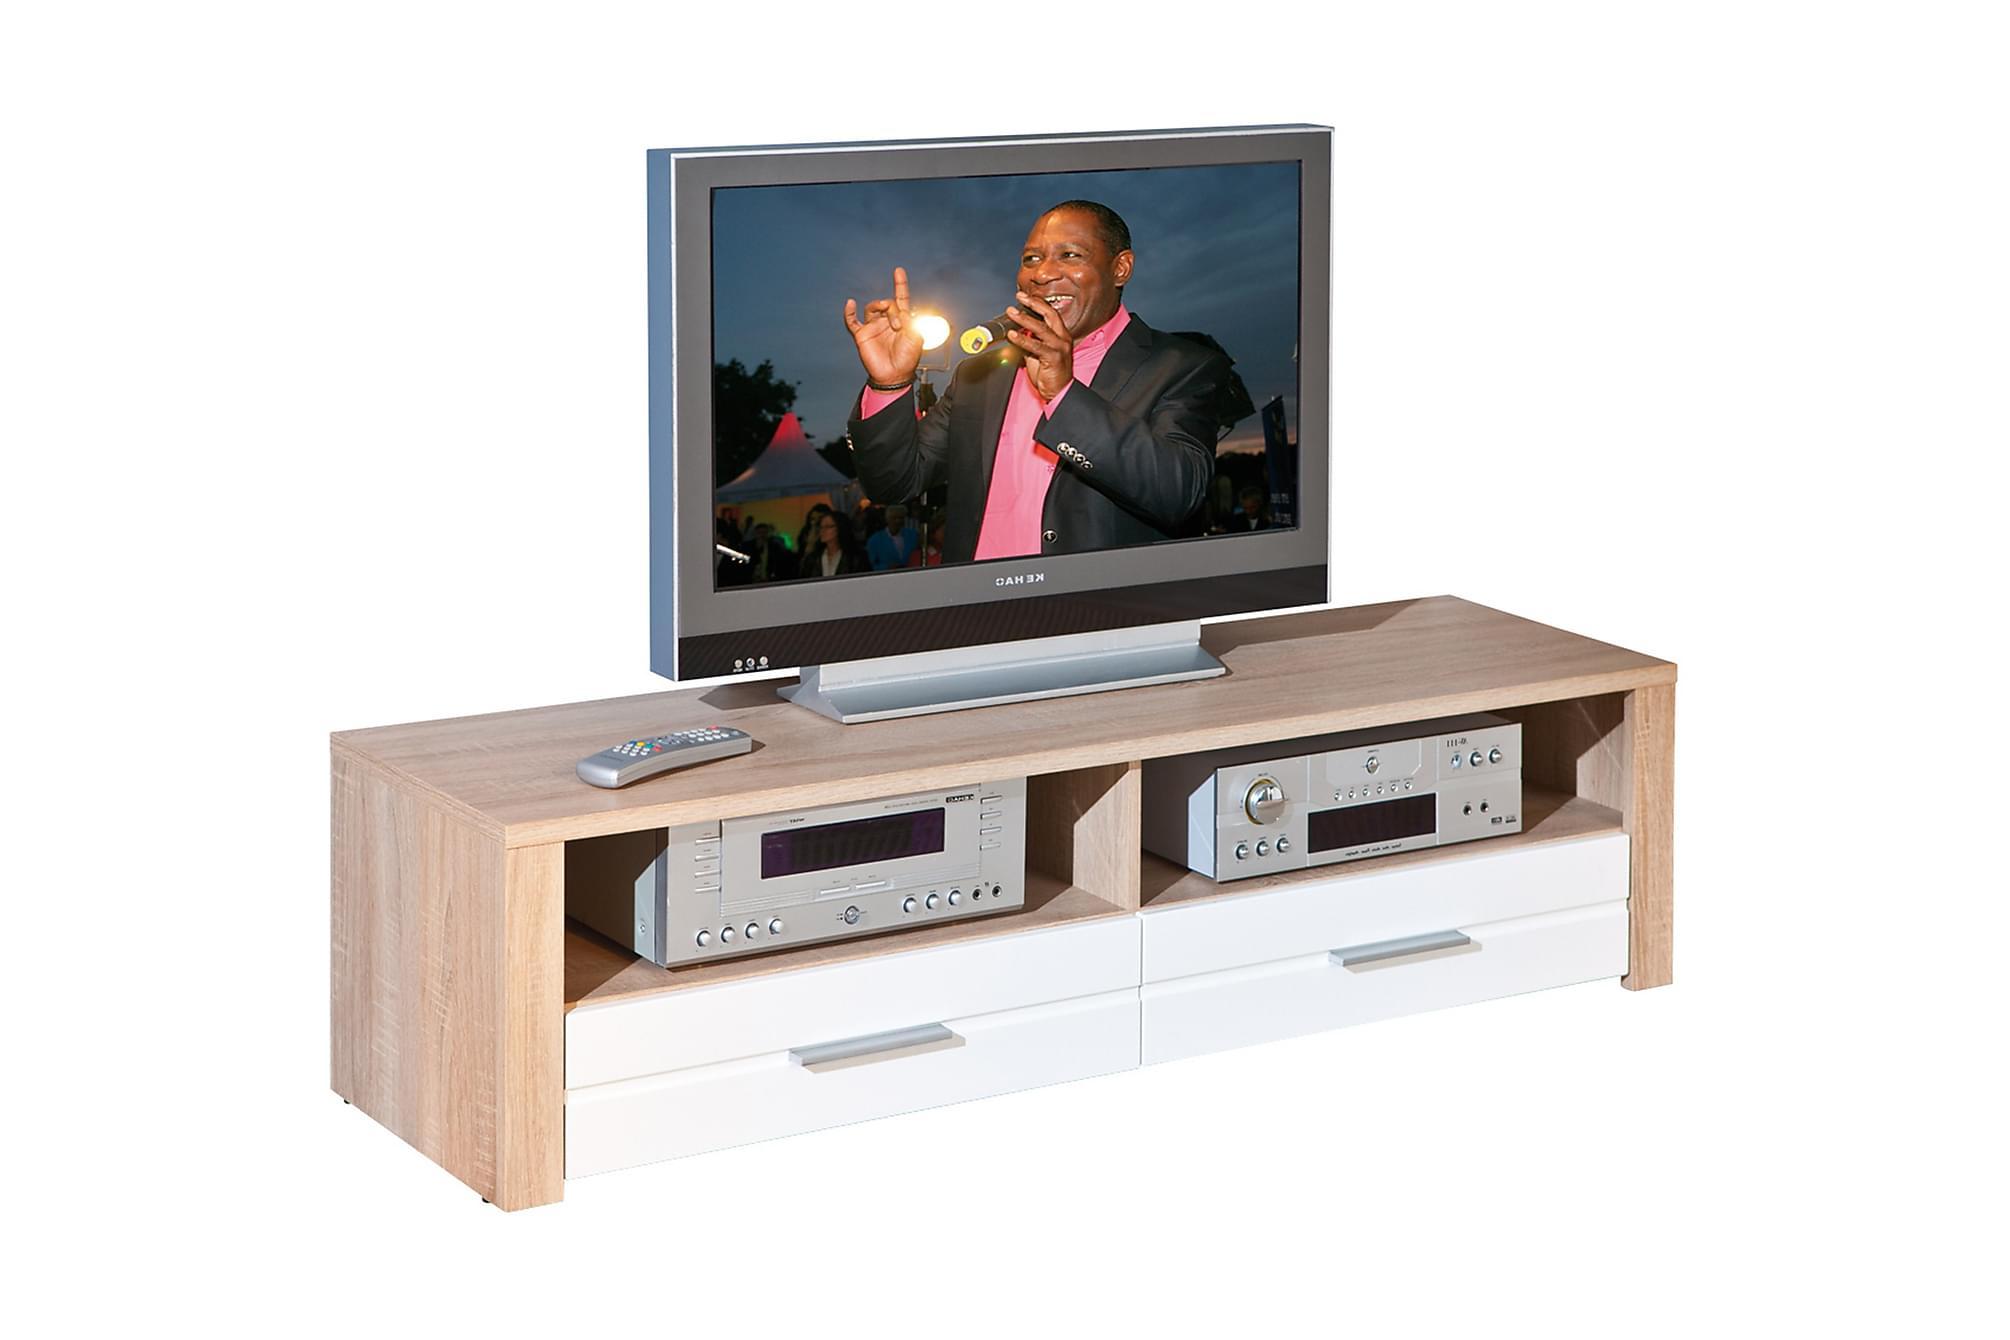 ABSOLUTO TV-bänk 150 Vit/Ljus Ek, Tv-bänkar